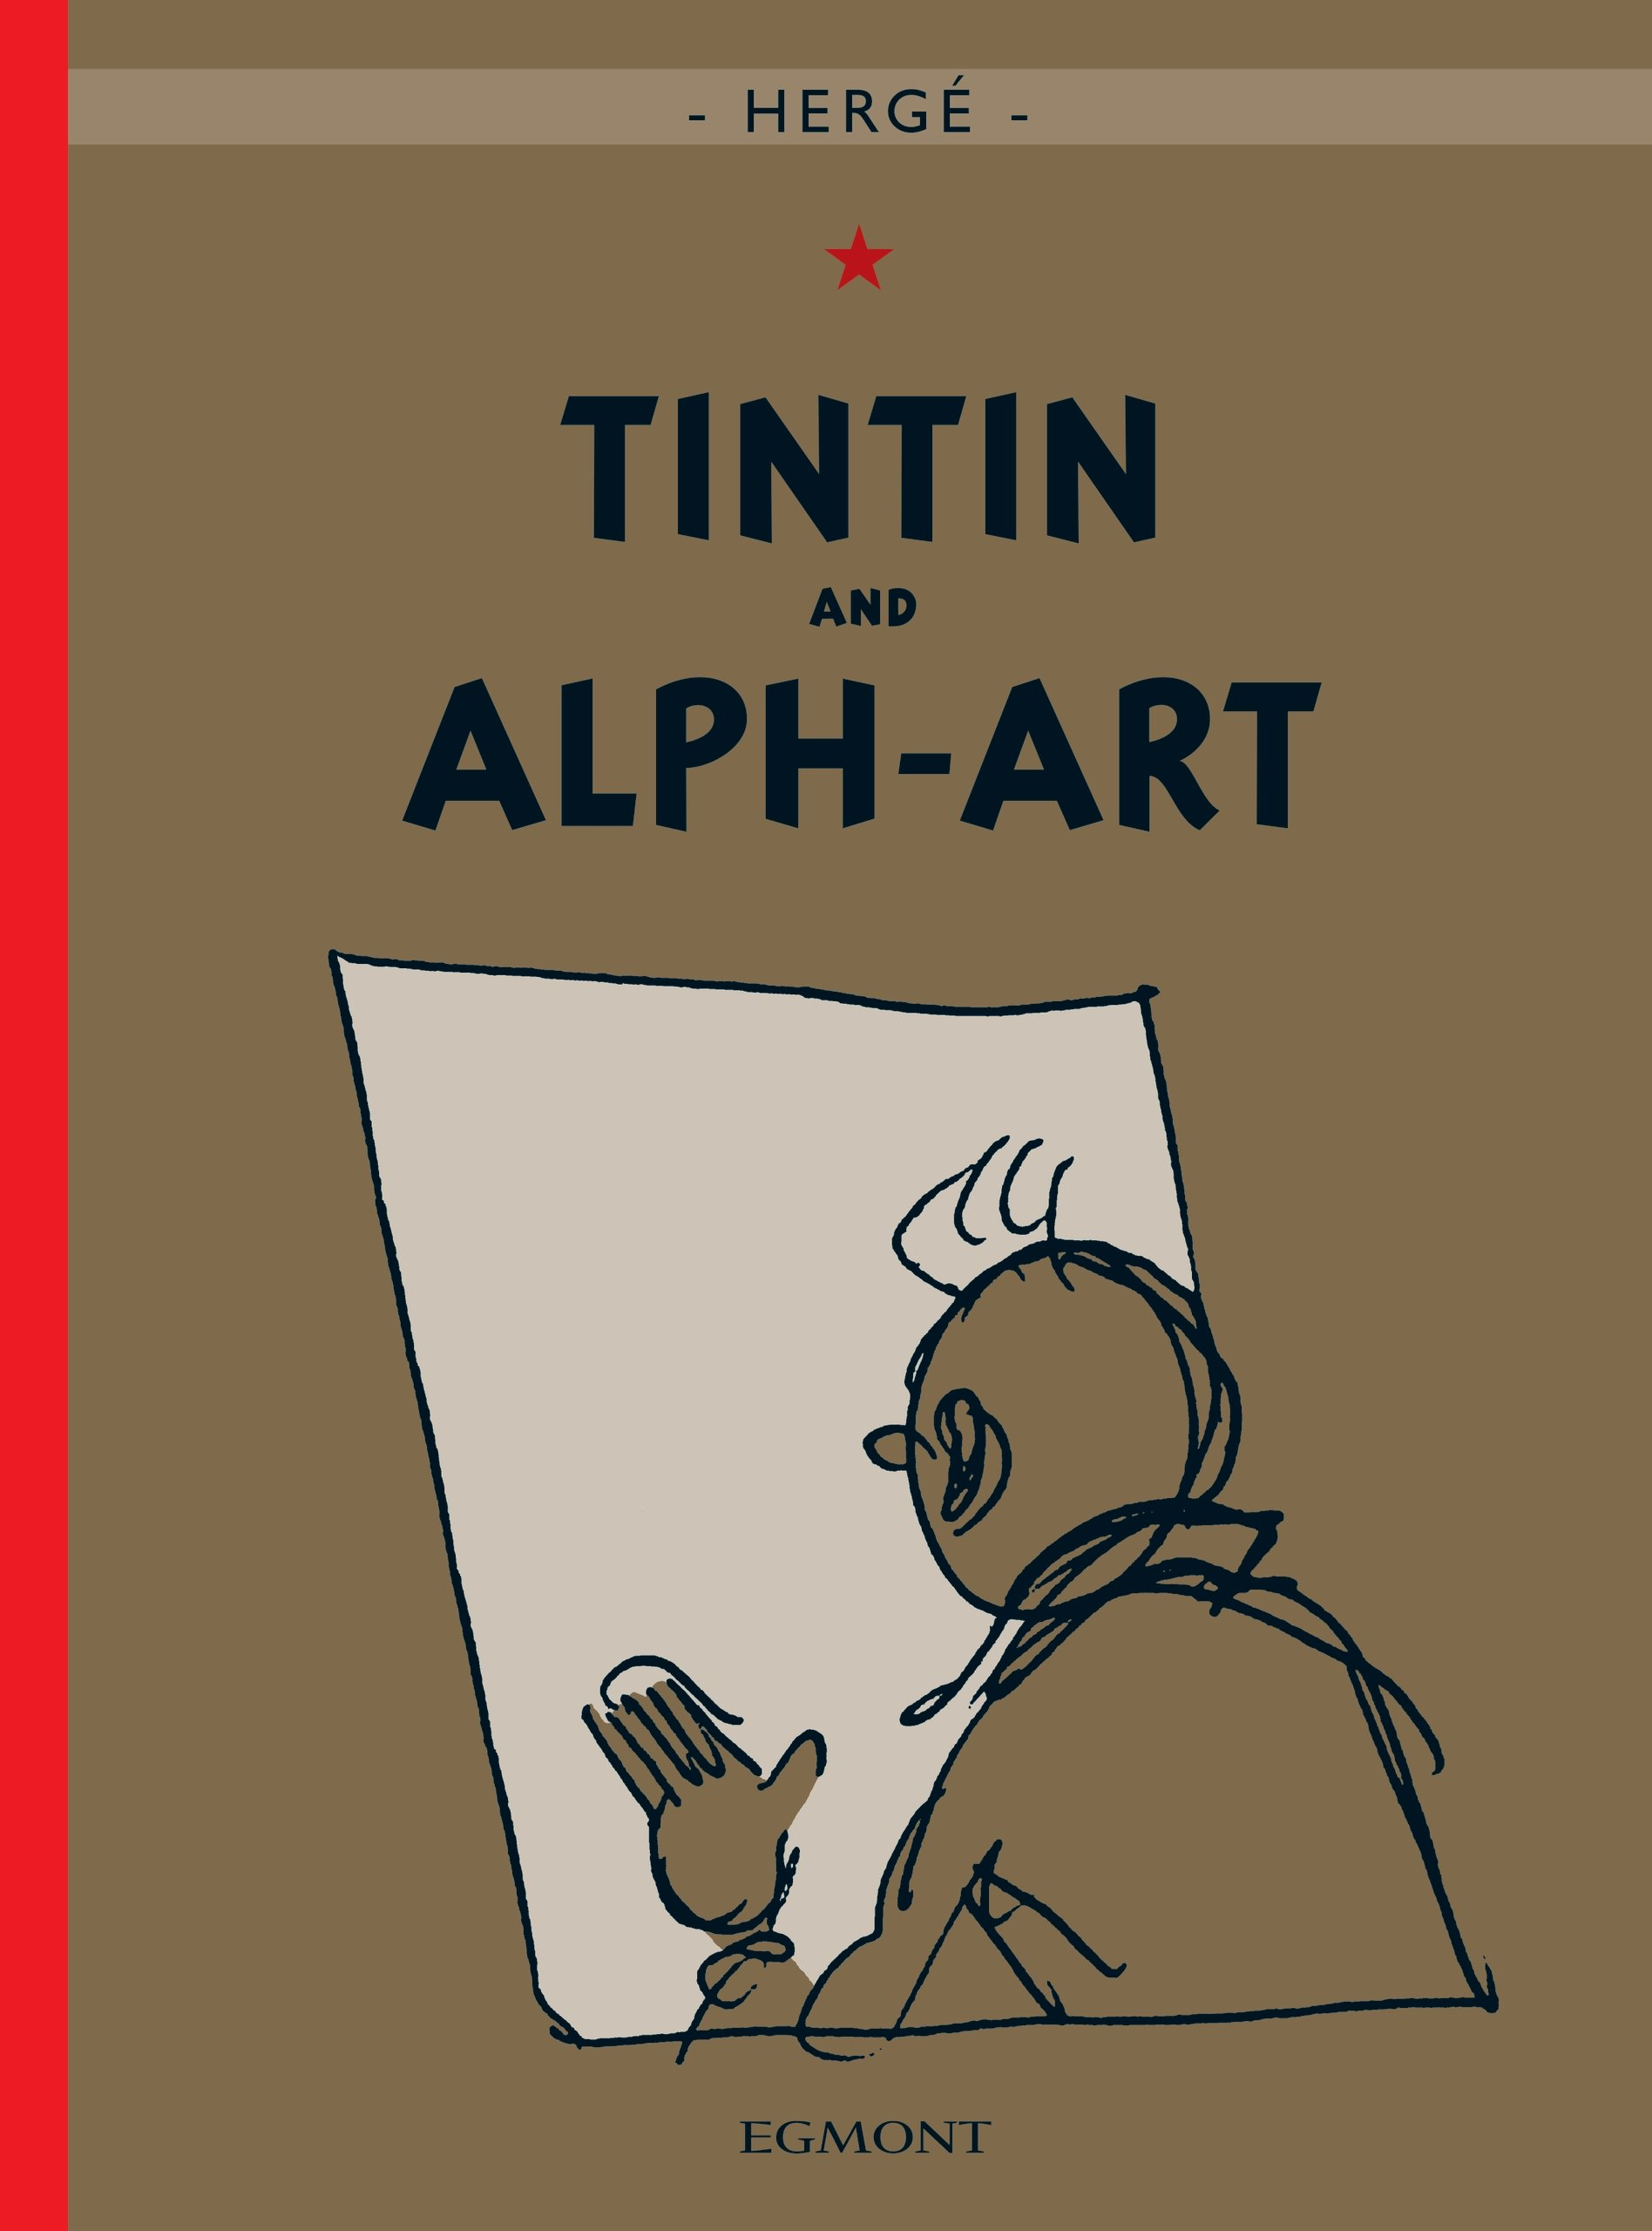 tintin and alph art adventures of tintin hardcover